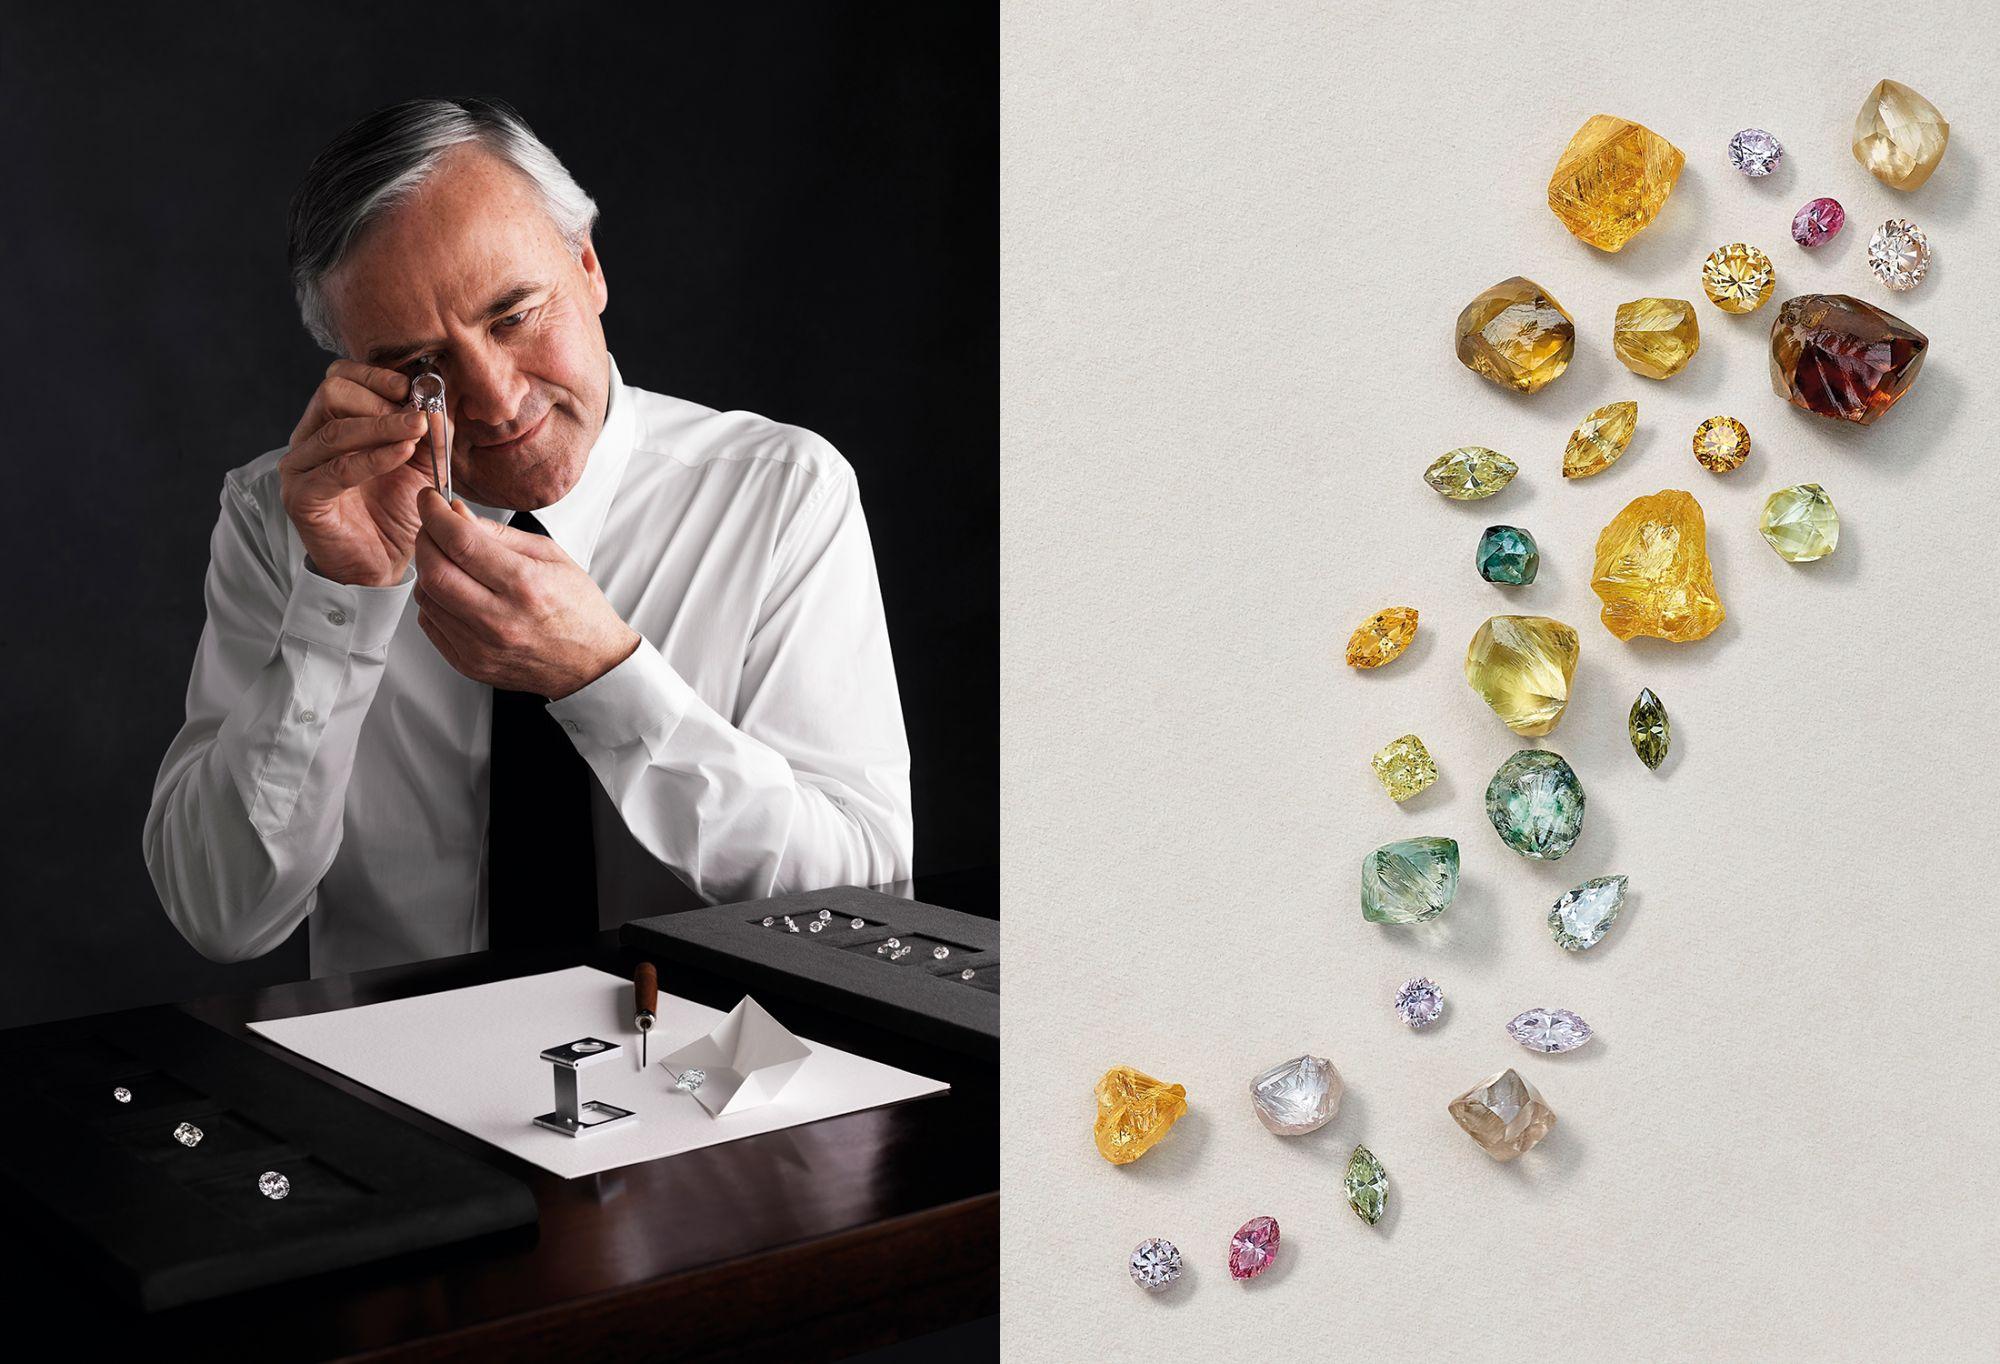 珠寶收藏大趨勢!珍稀、彩寶、個人化⋯⋯6位珠寶專家揭秘你不能不知的收藏心法!